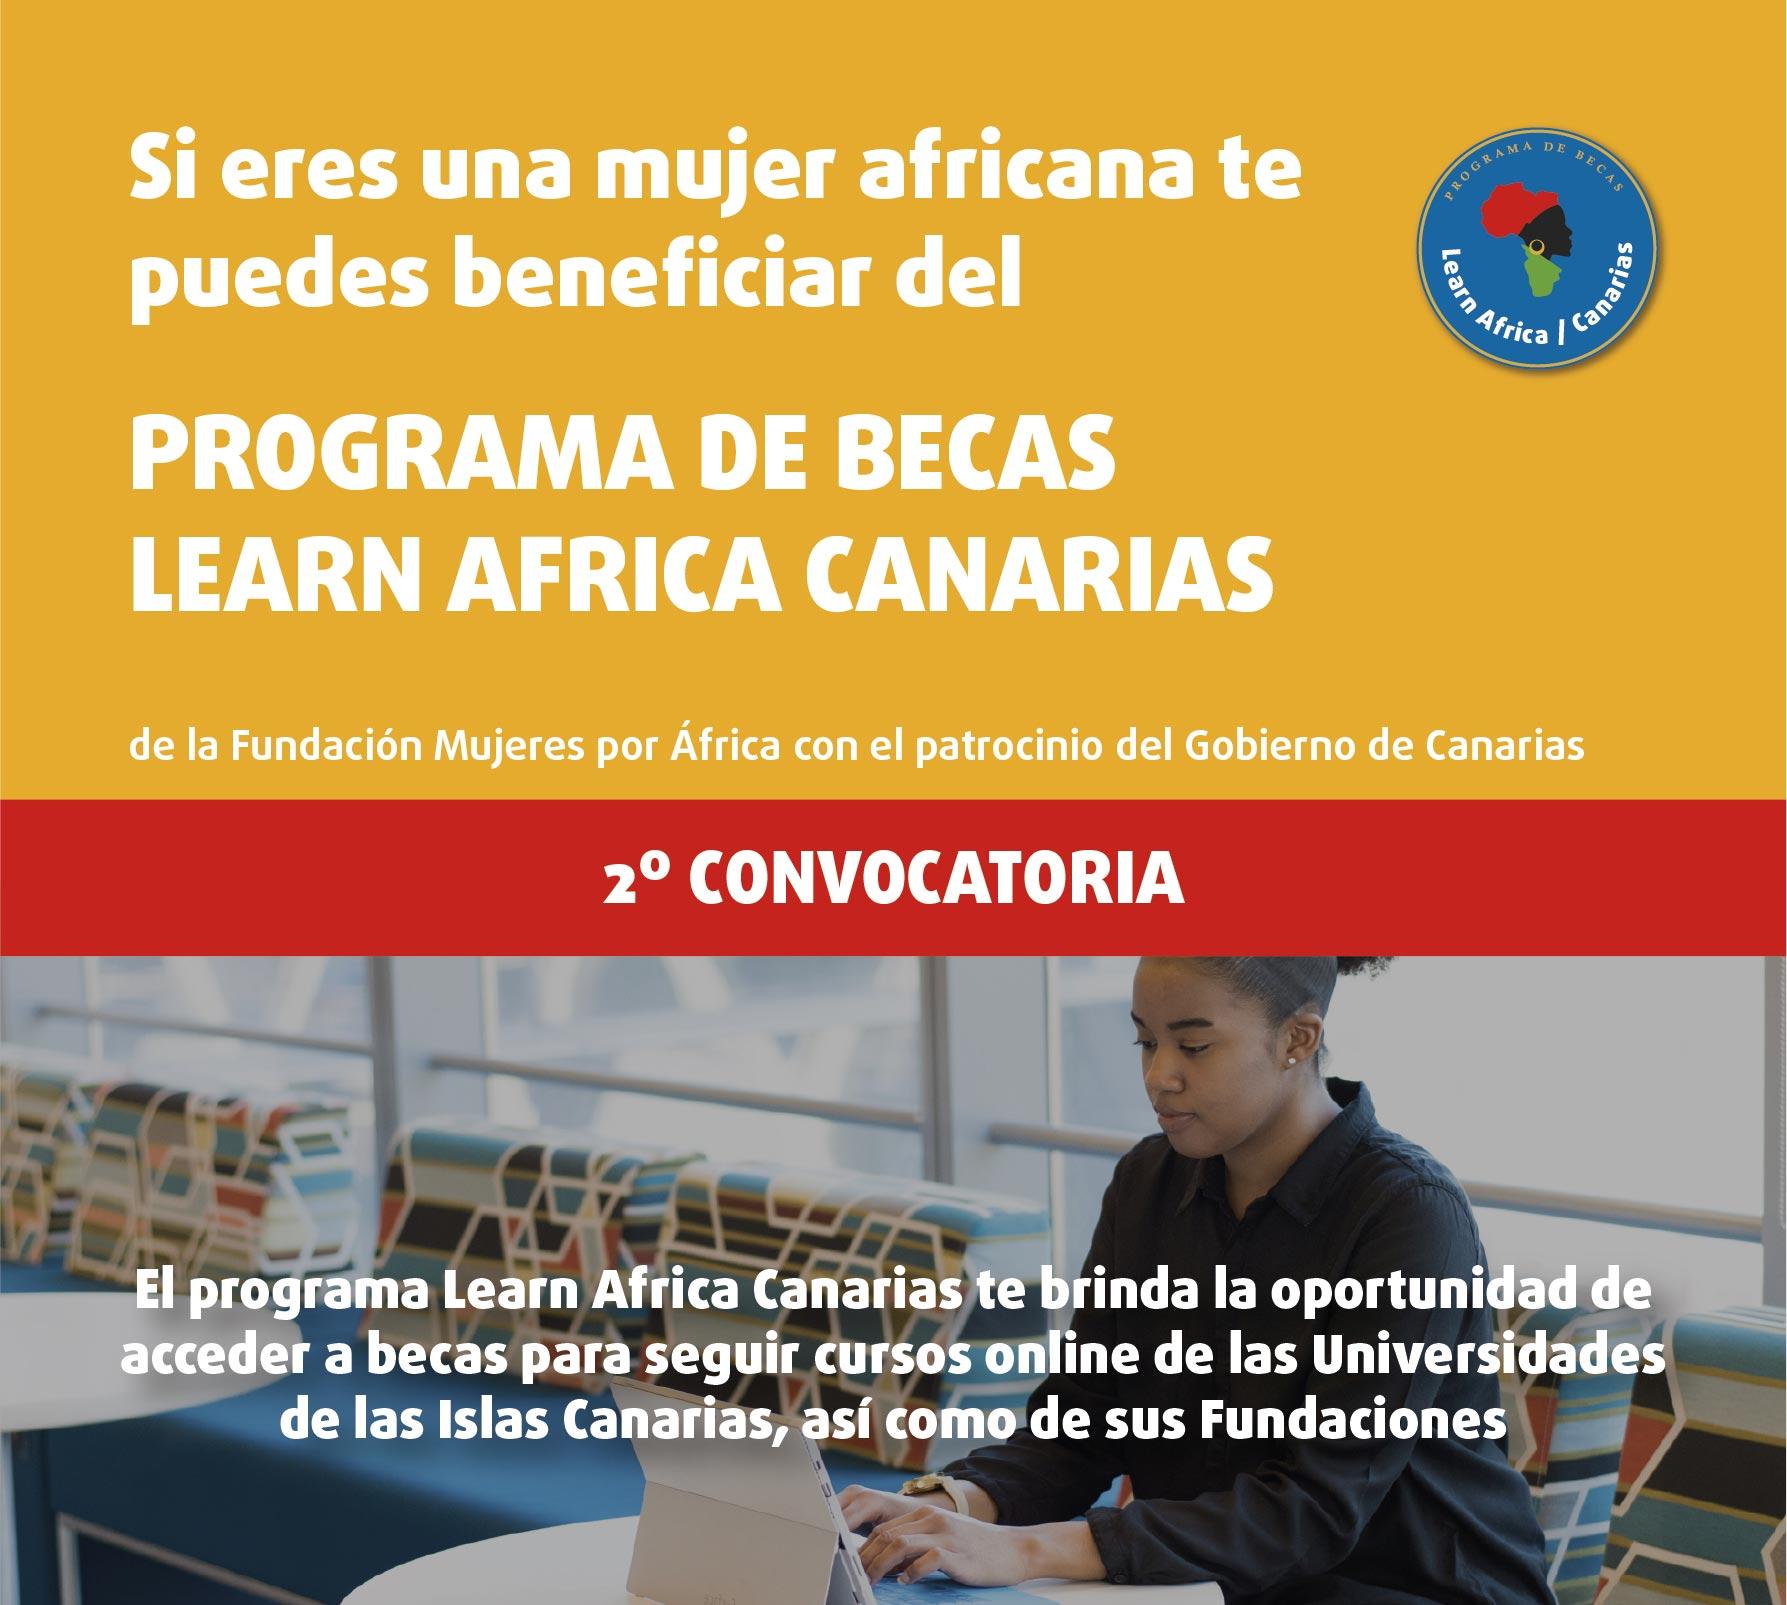 Abierta la segunda convocatoria de becas Learn Africa Canarias para universitarias del continente vecino